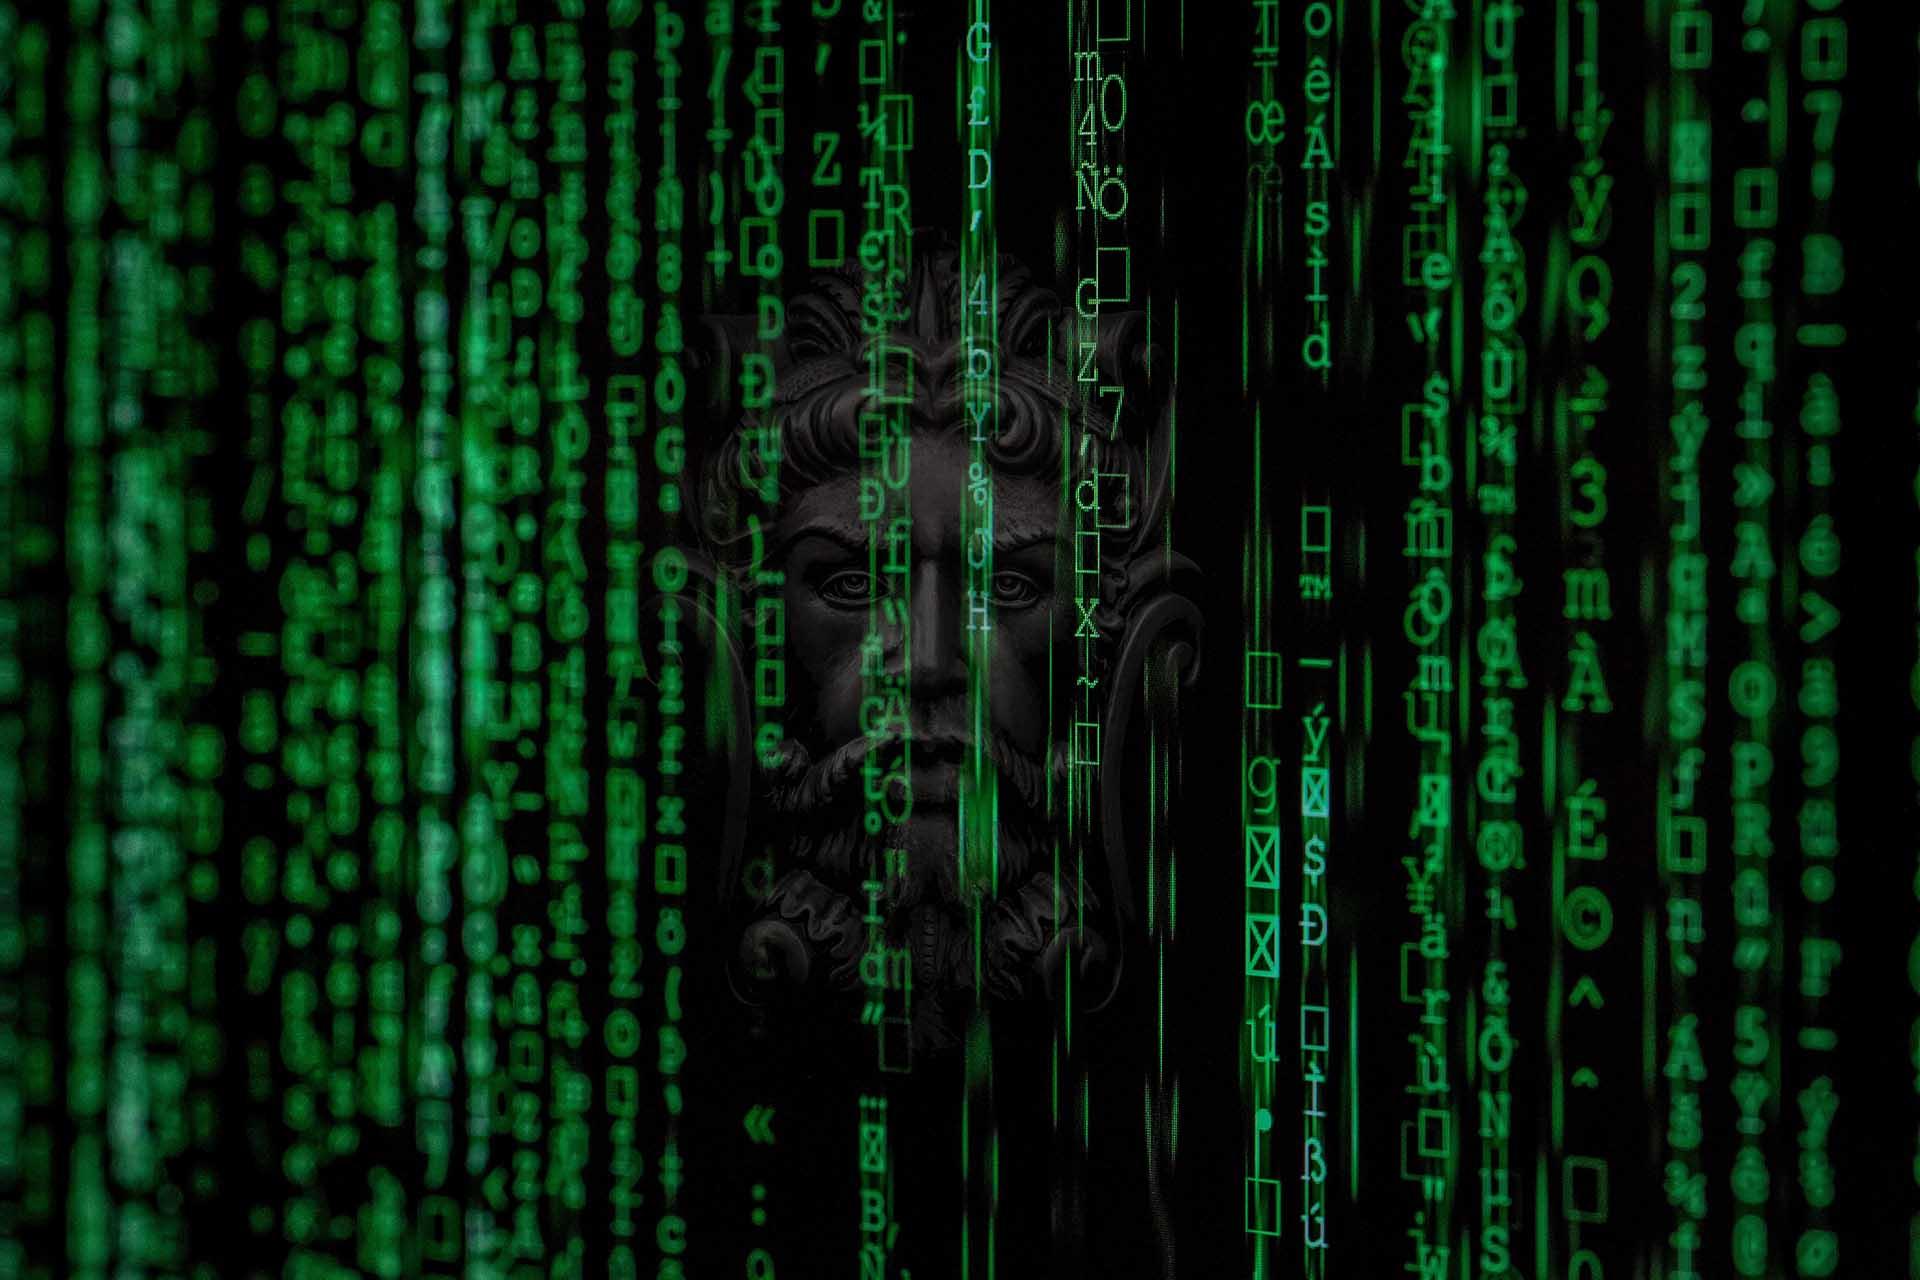 t2informatik Blog: Do we need a digital mindset?